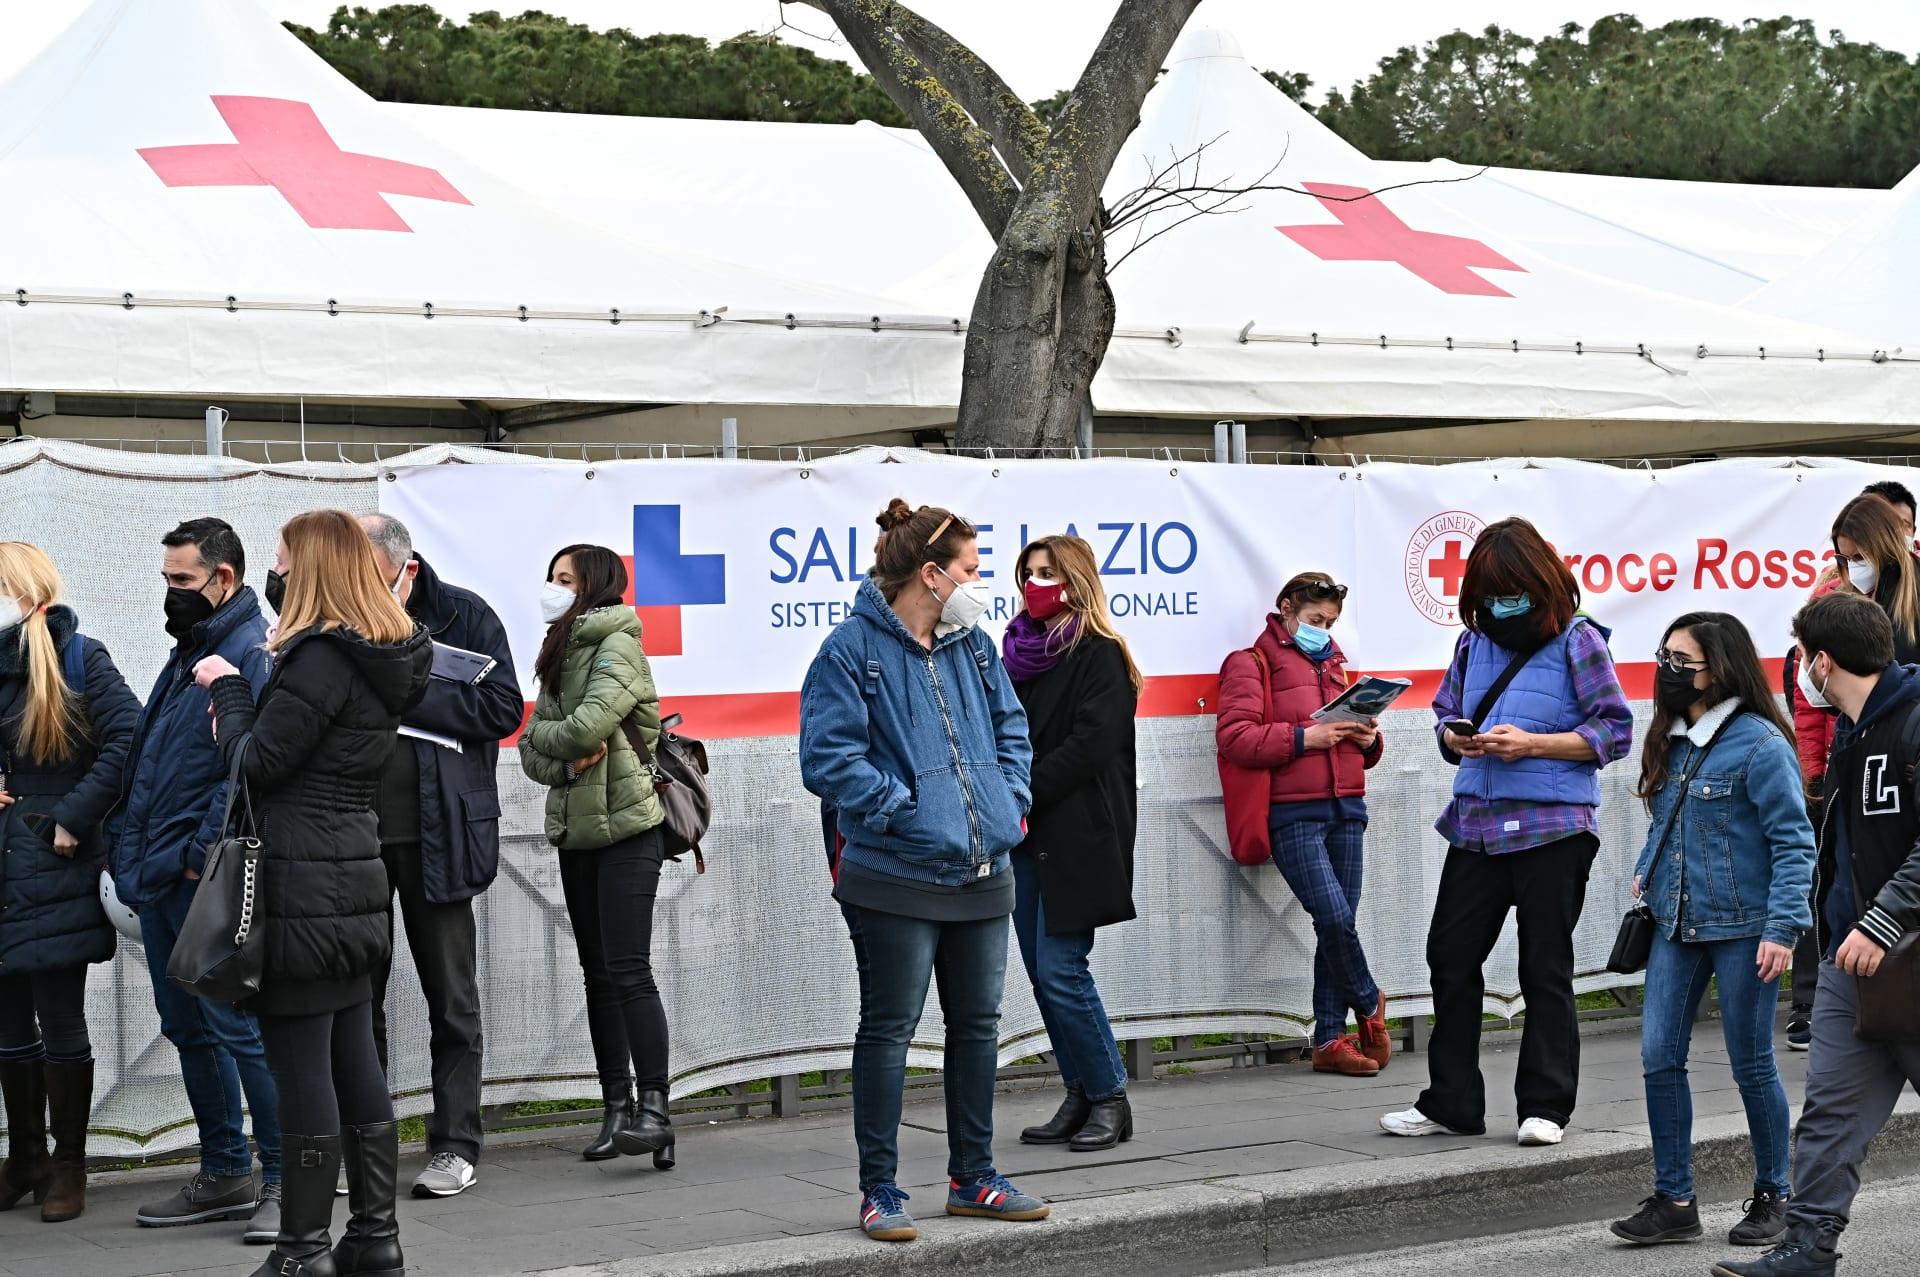 ينتظر الناس في طابور للحصول على لقاح أمام مركز مؤقت خارج محطة قطار تيرميني في روما في 19 مارس 2021